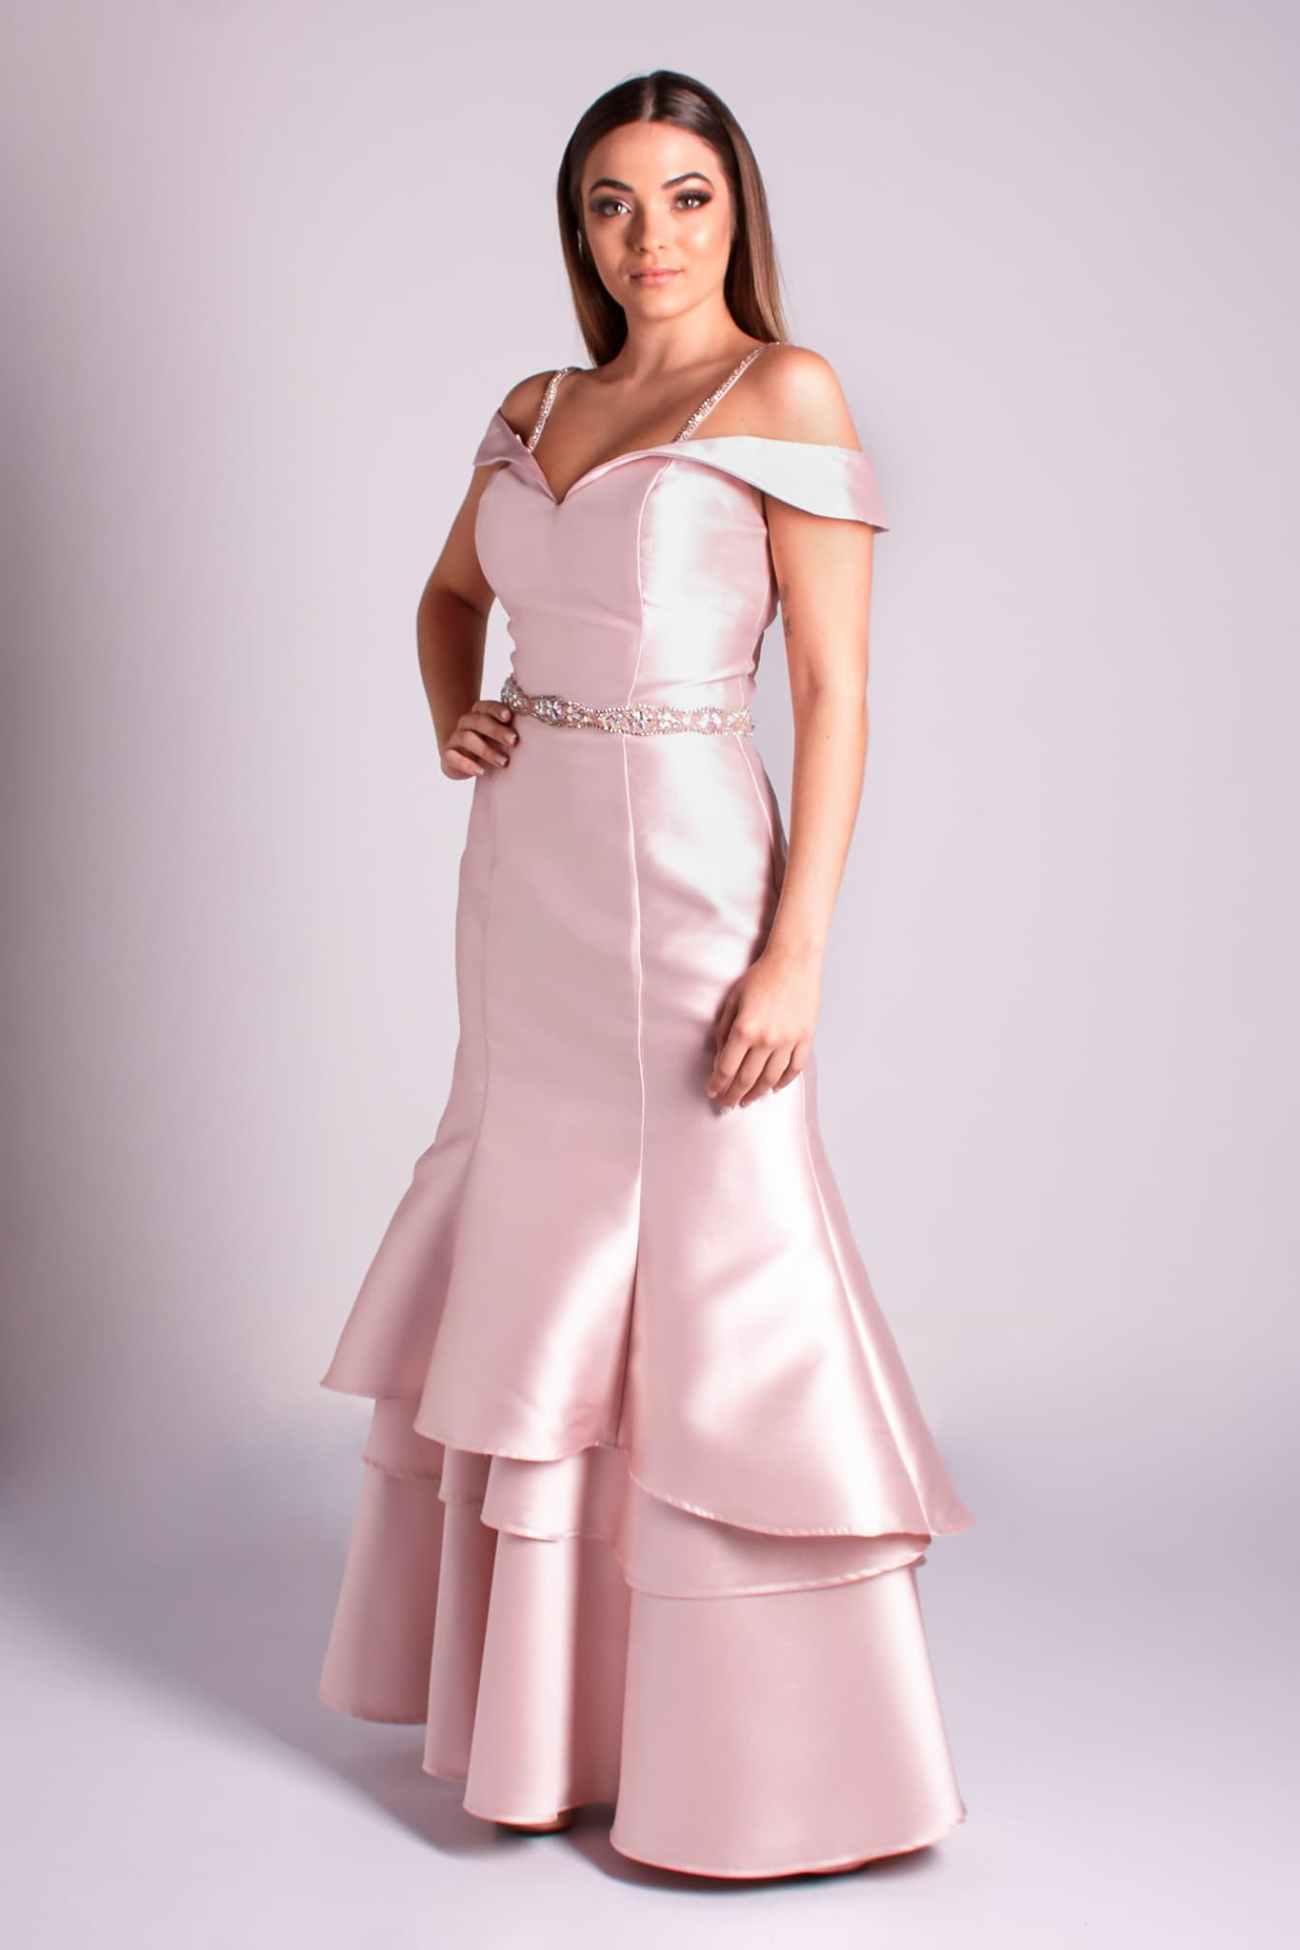 3 - vestido rosê ombro a ombro sereia com saia em camadas